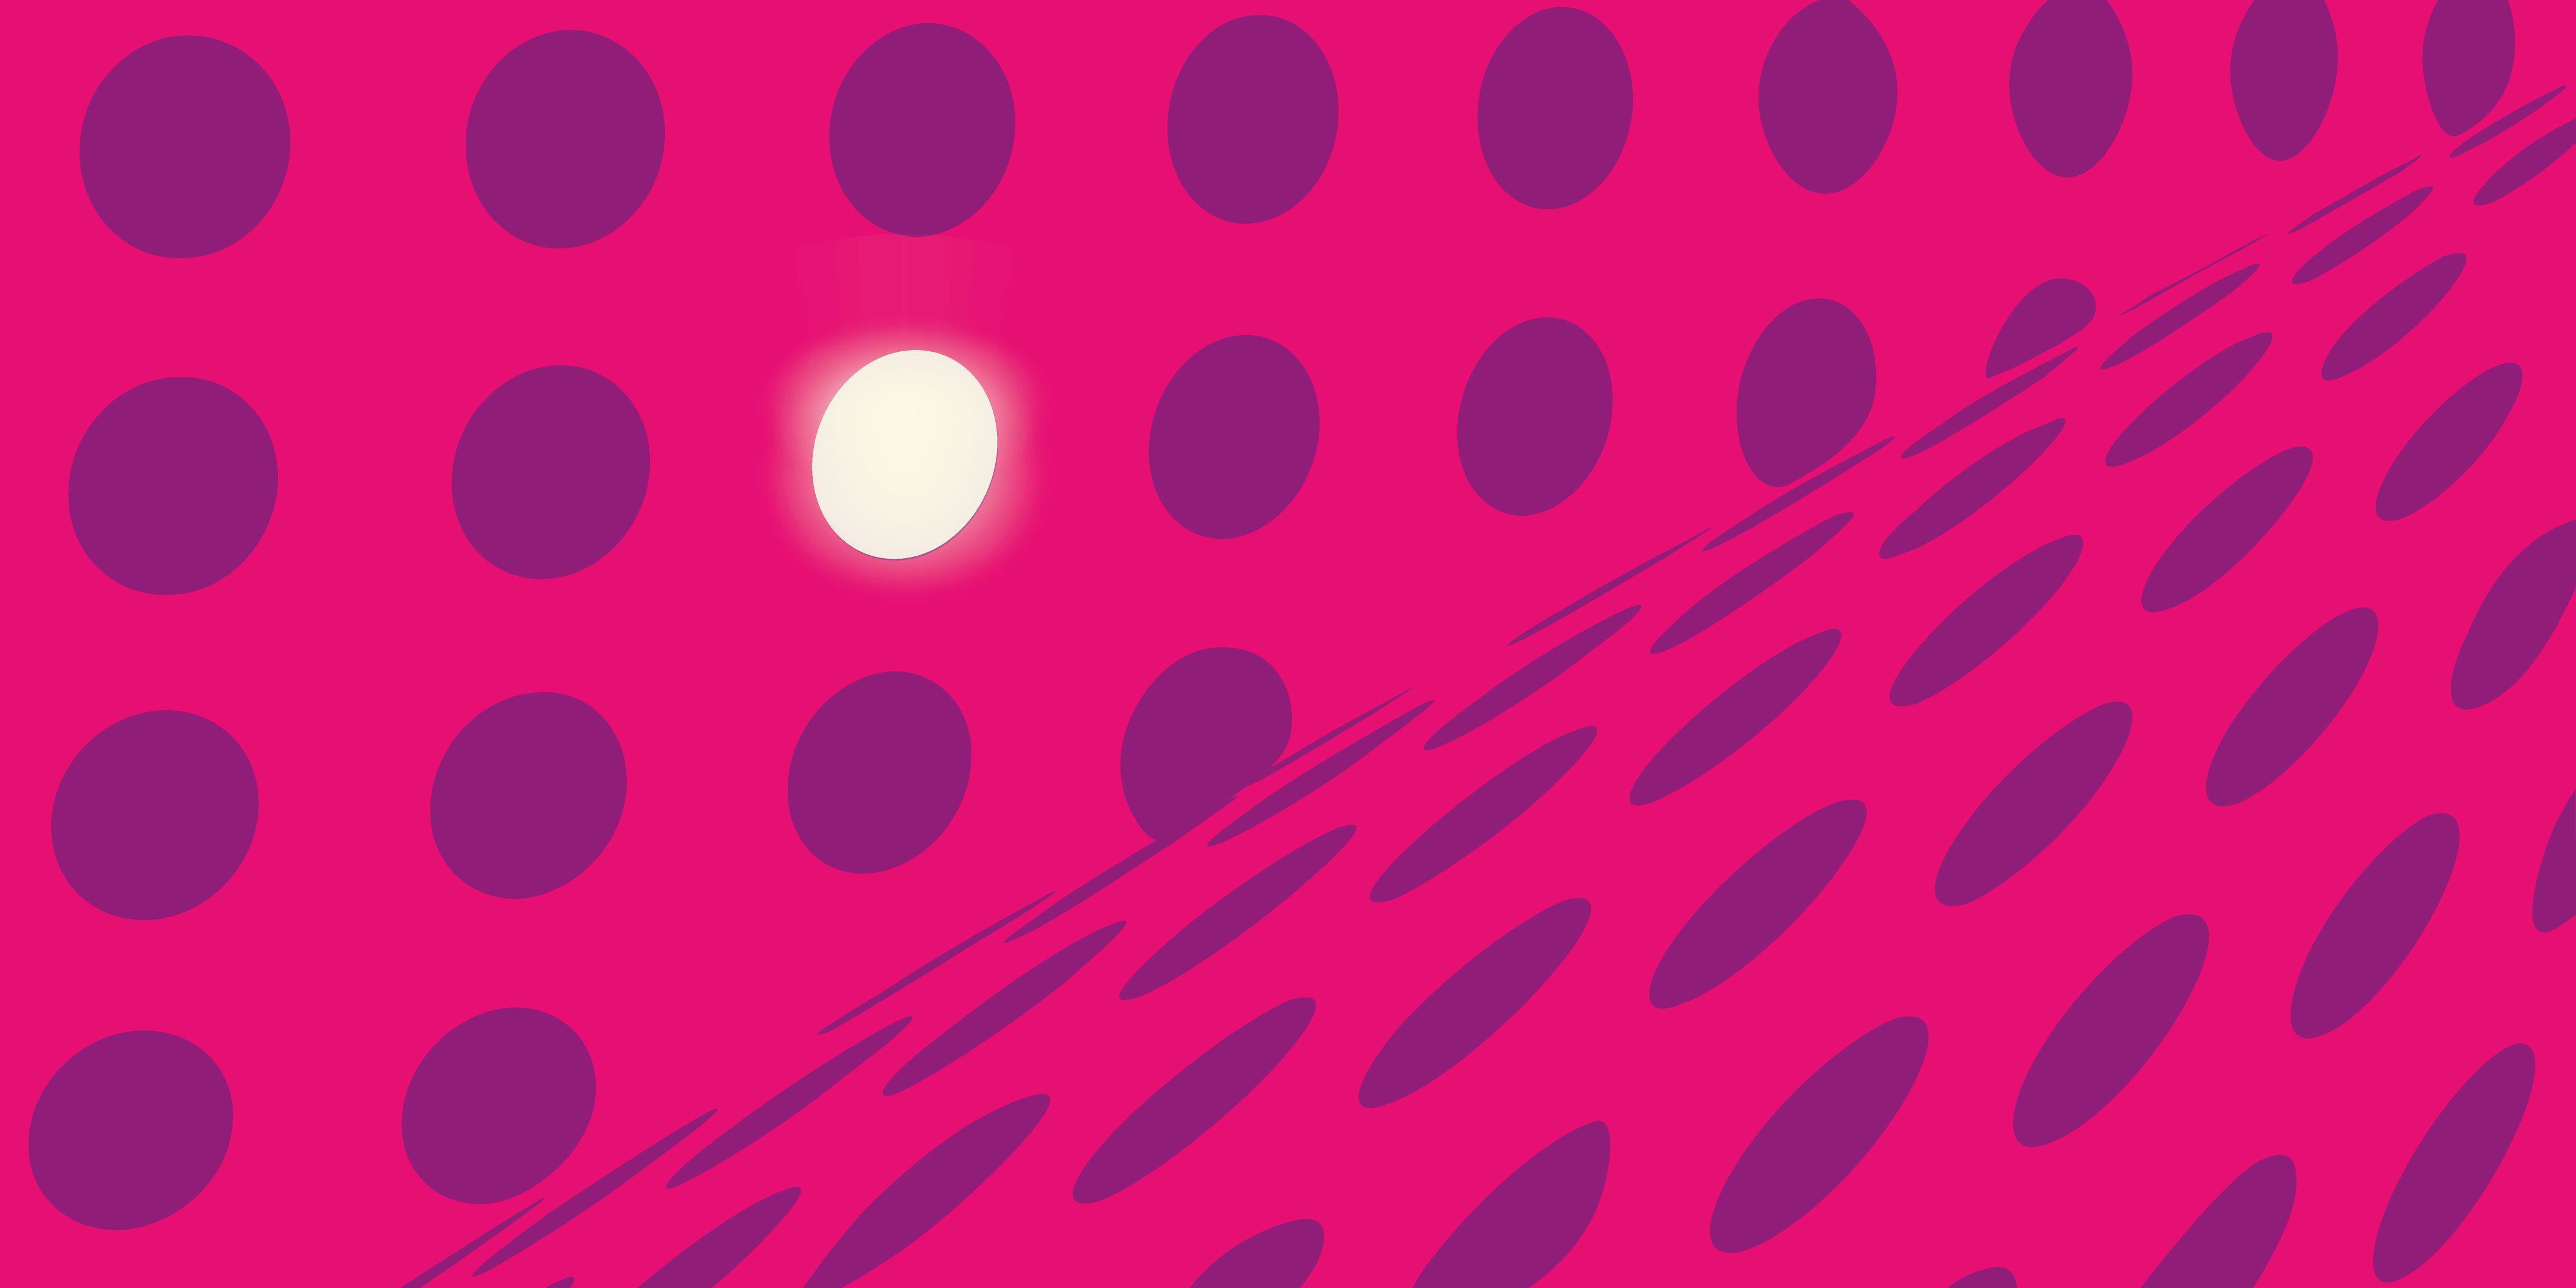 illustration avec plein de ronds éteints et au milieu un rond allumé